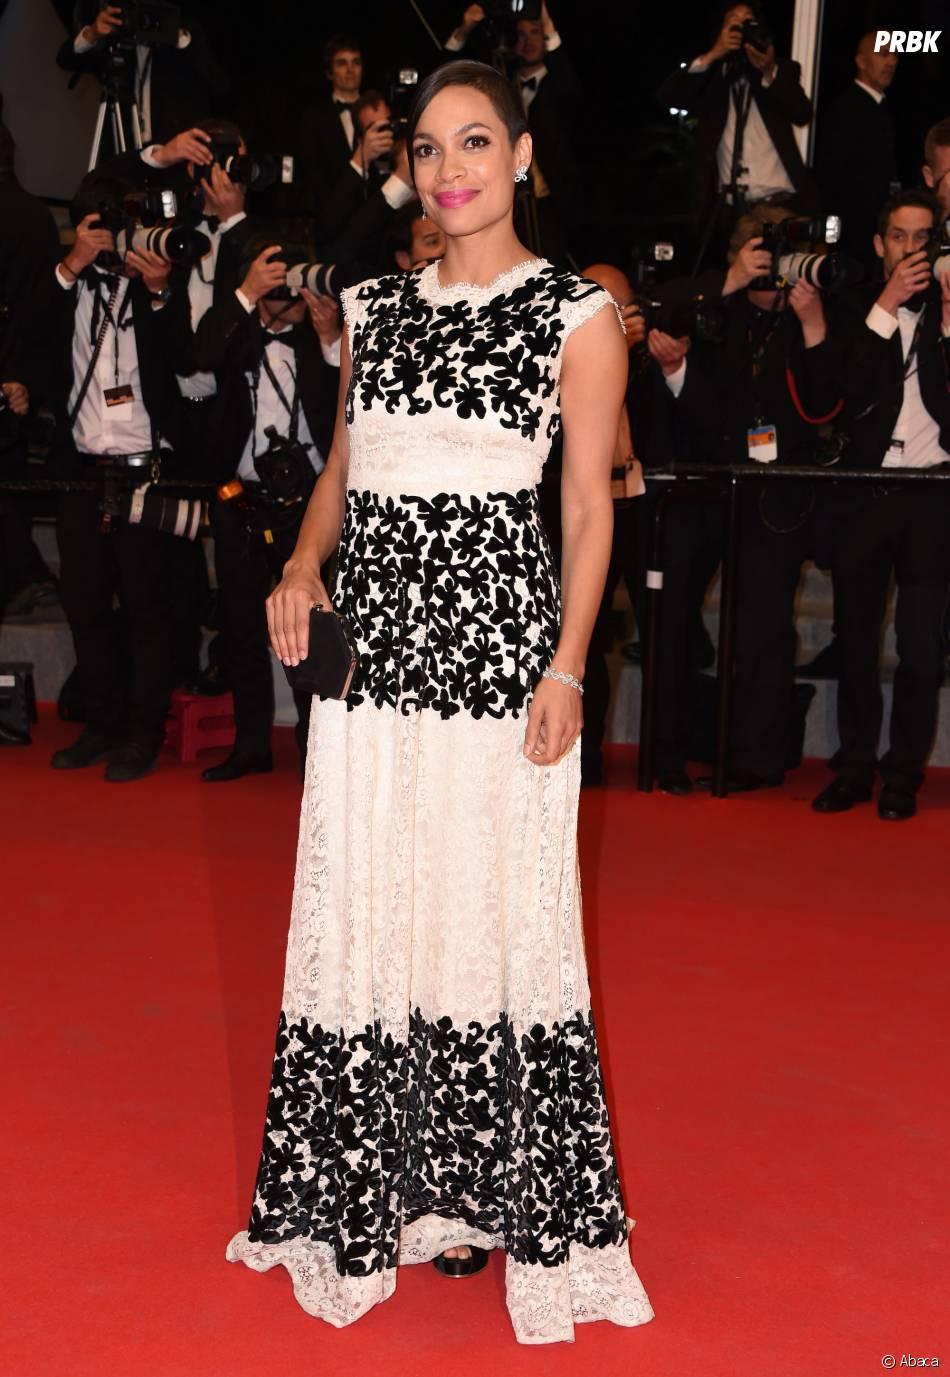 Rosario Dawson sur le tapis rouge du Festival de Cannes 2014, le vendredi 16 mai